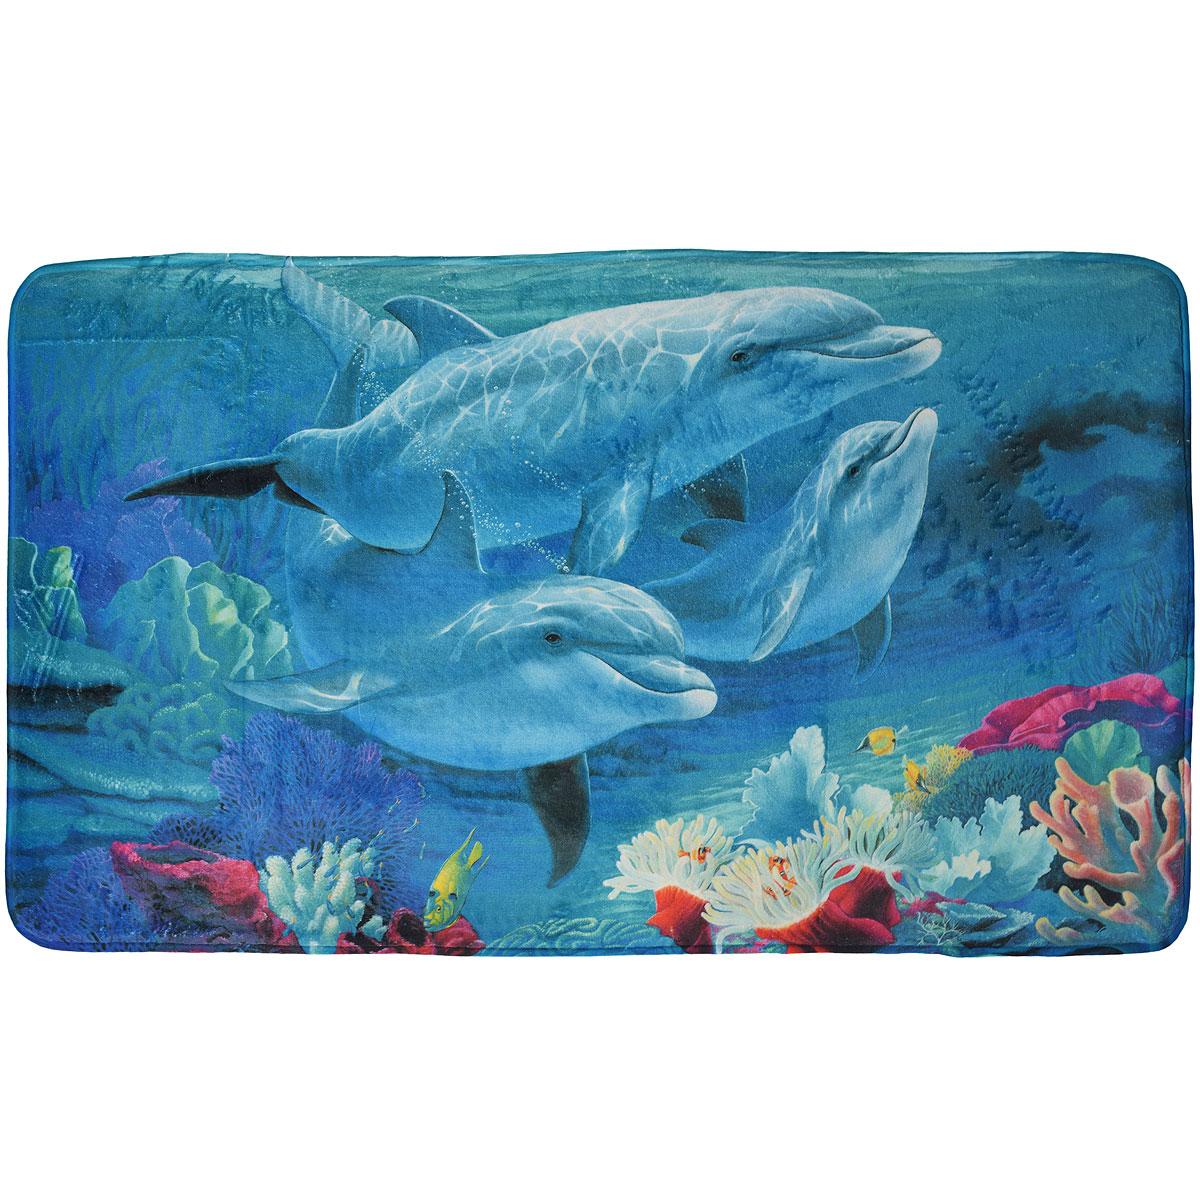 Коврик White Fox Дельфины , 60 х 100 смWHMR24-224Коврик White Fox Дельфины из серии Relax равномерно распределяет нагрузку на поверхность стопы, снимая напряжение и усталость в ногах. Он состоит из трех слоев: - верхний флисовый слой прекрасно дышит, благодаря чему коврик быстро высыхает; - основной слой выполнен из специального вспененного материала, который точно повторяет рельеф стопы, создает комфорт и полностью восстанавливает первоначальную форму; - нижний резиновый слой препятствуют скольжению коврика на полу. Качественное изделие притягивает взгляд и прекрасно подойдет к интерьеру вашего дома. Можно стирать в стиральной машине при температуре 30°С.